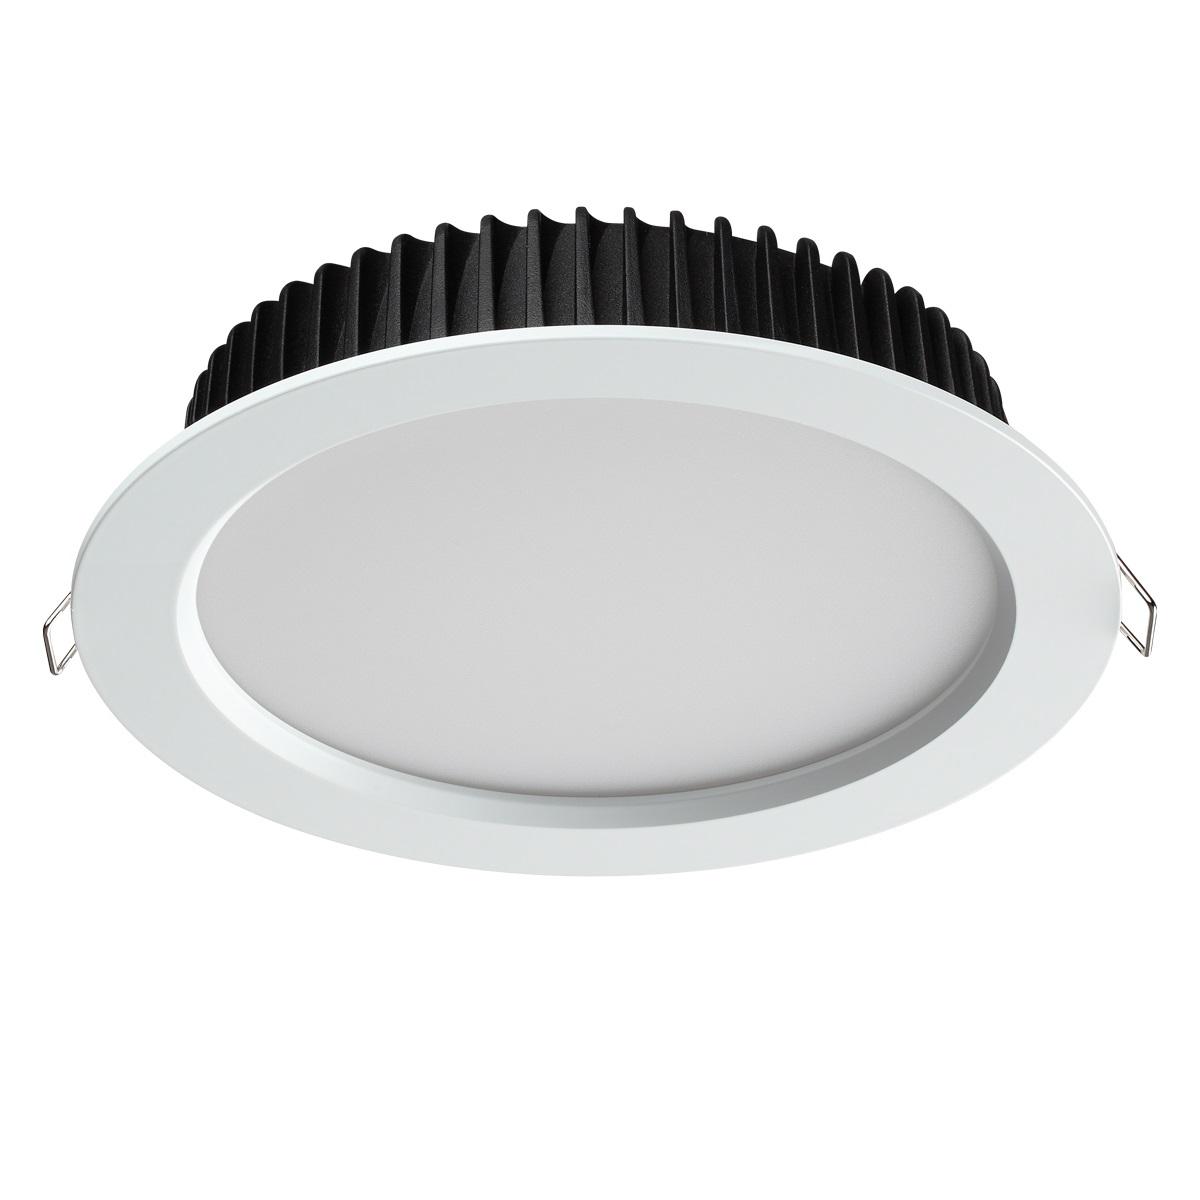 Светильник Novotech 358306 Spot (Драйвер в комплект не входит)